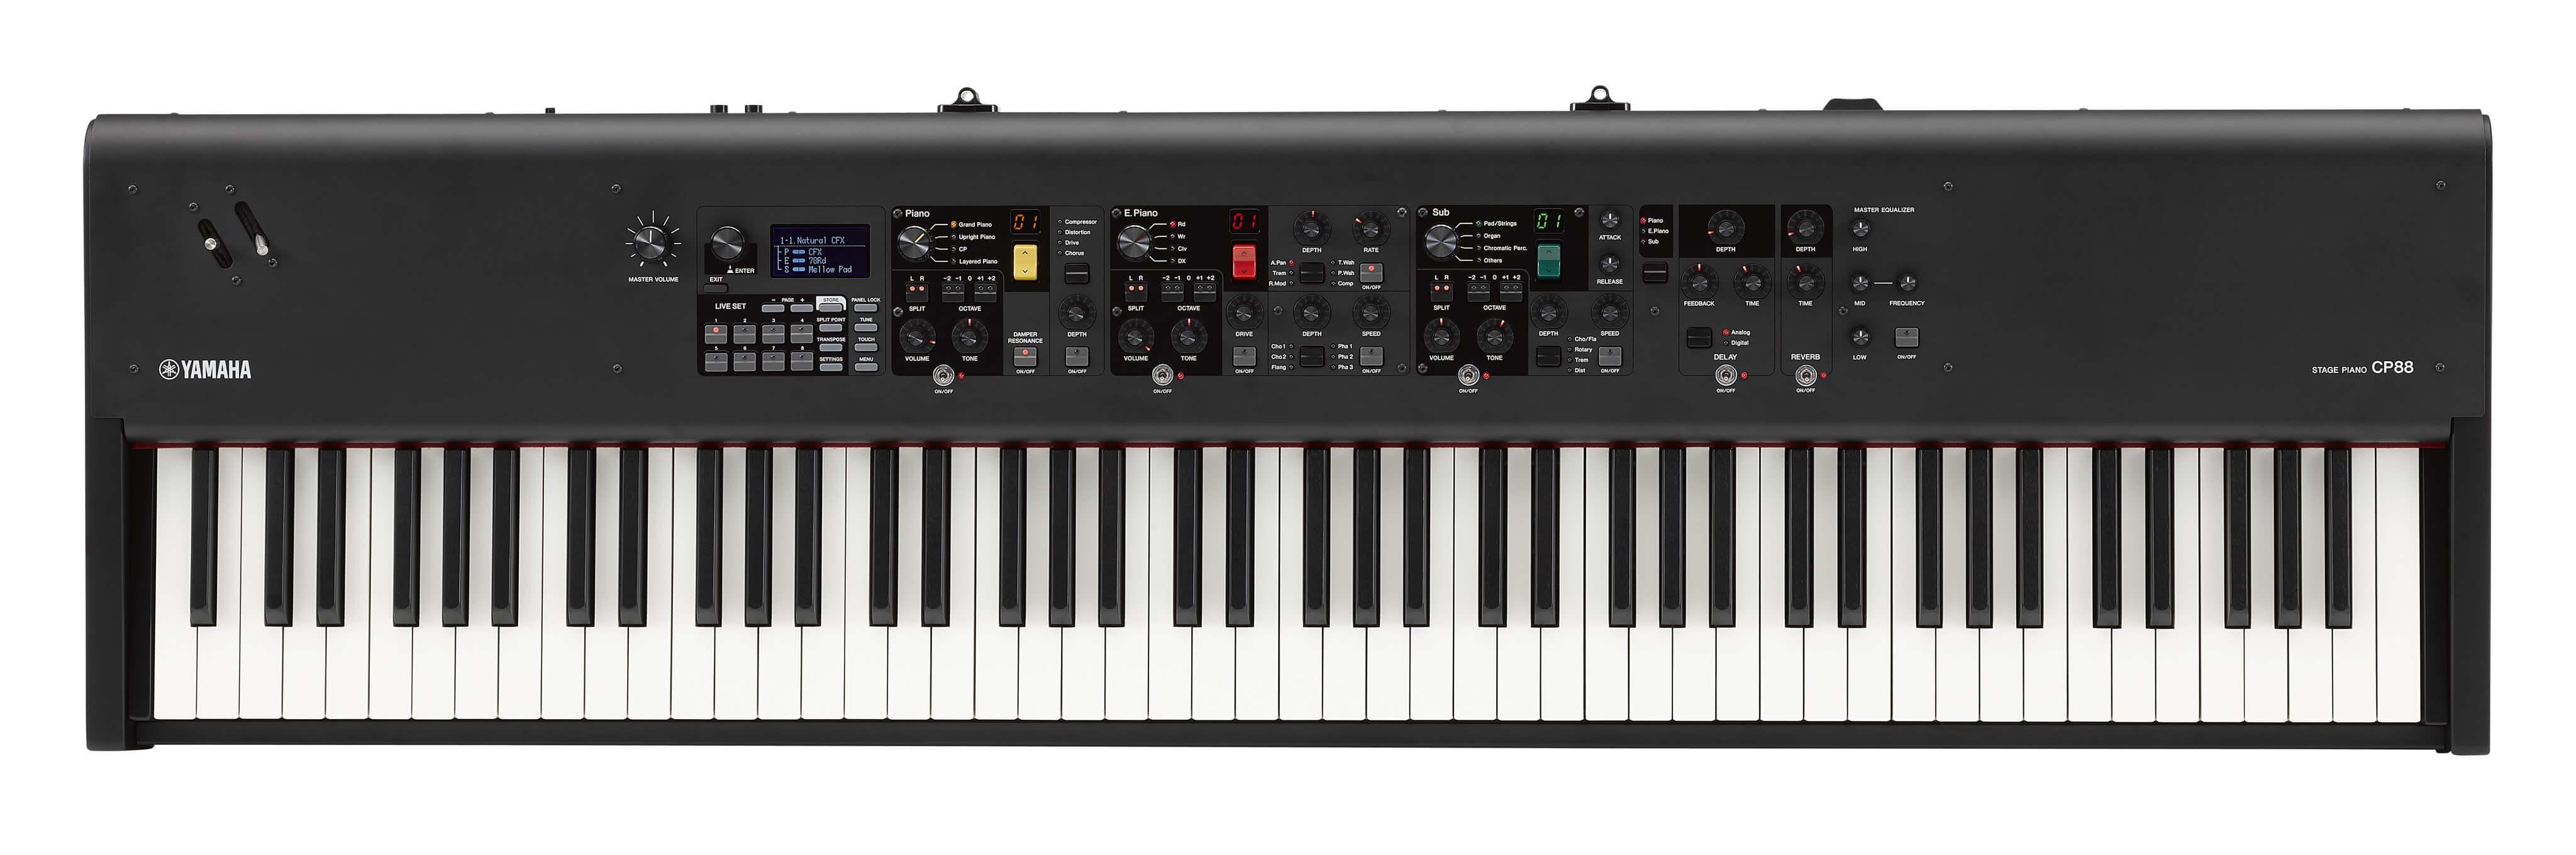 Piano De Escenario Yamaha CP88